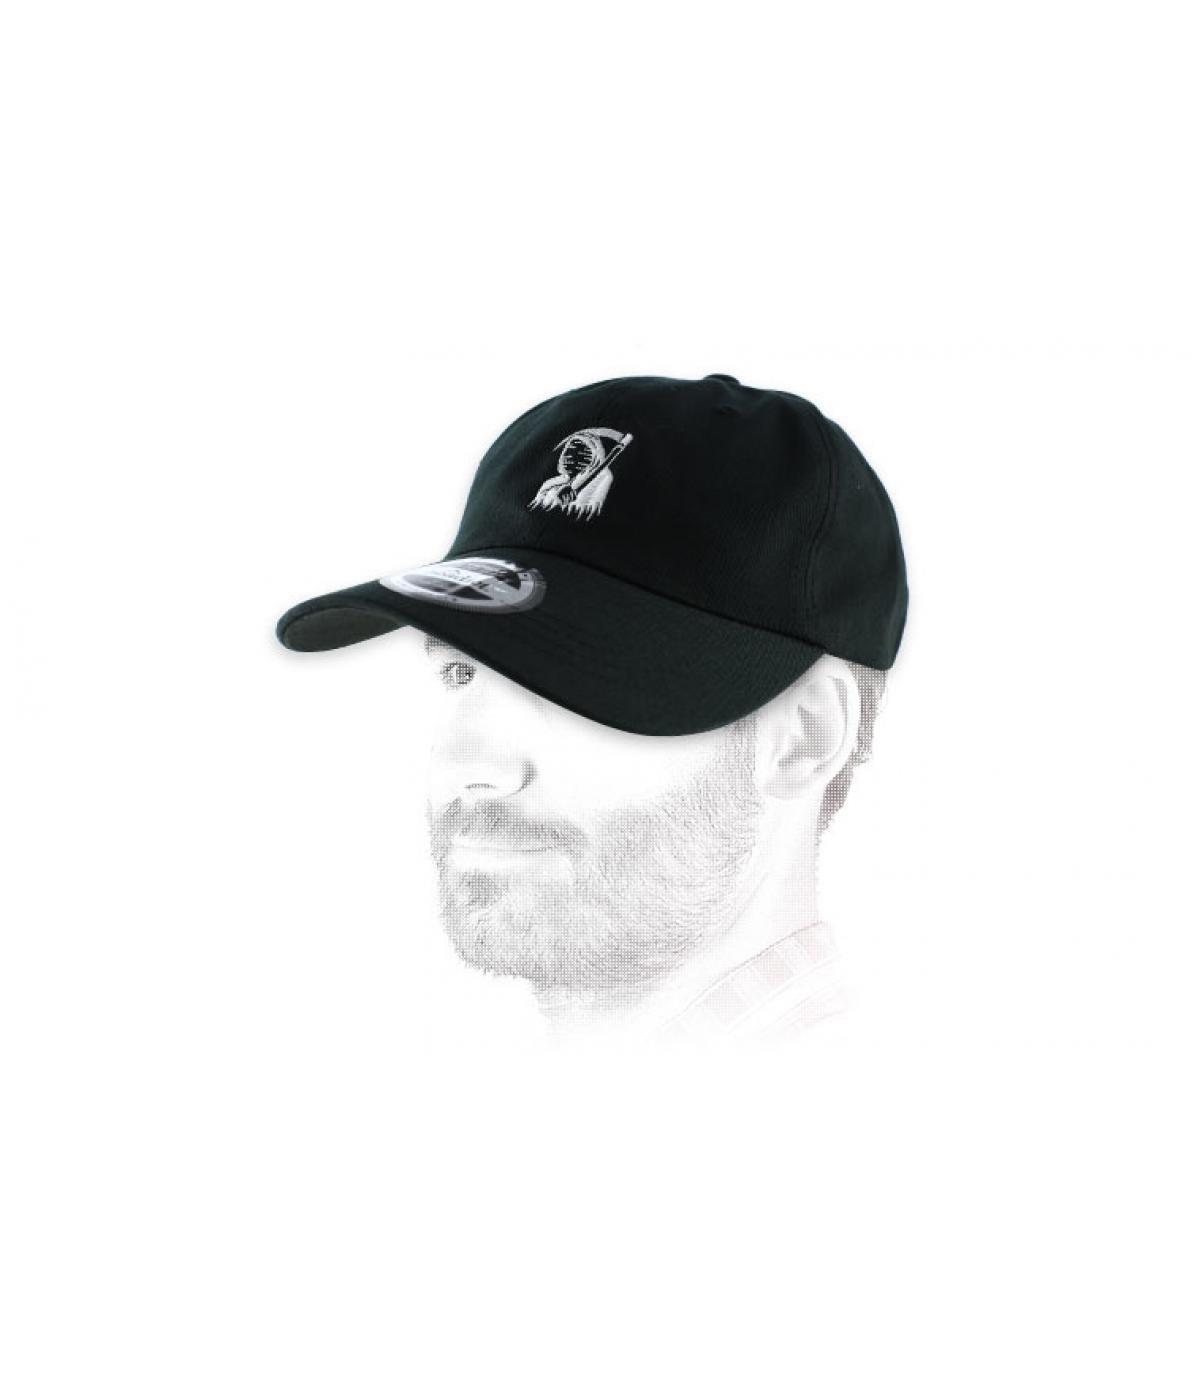 curva de gorraa de color negro segadora